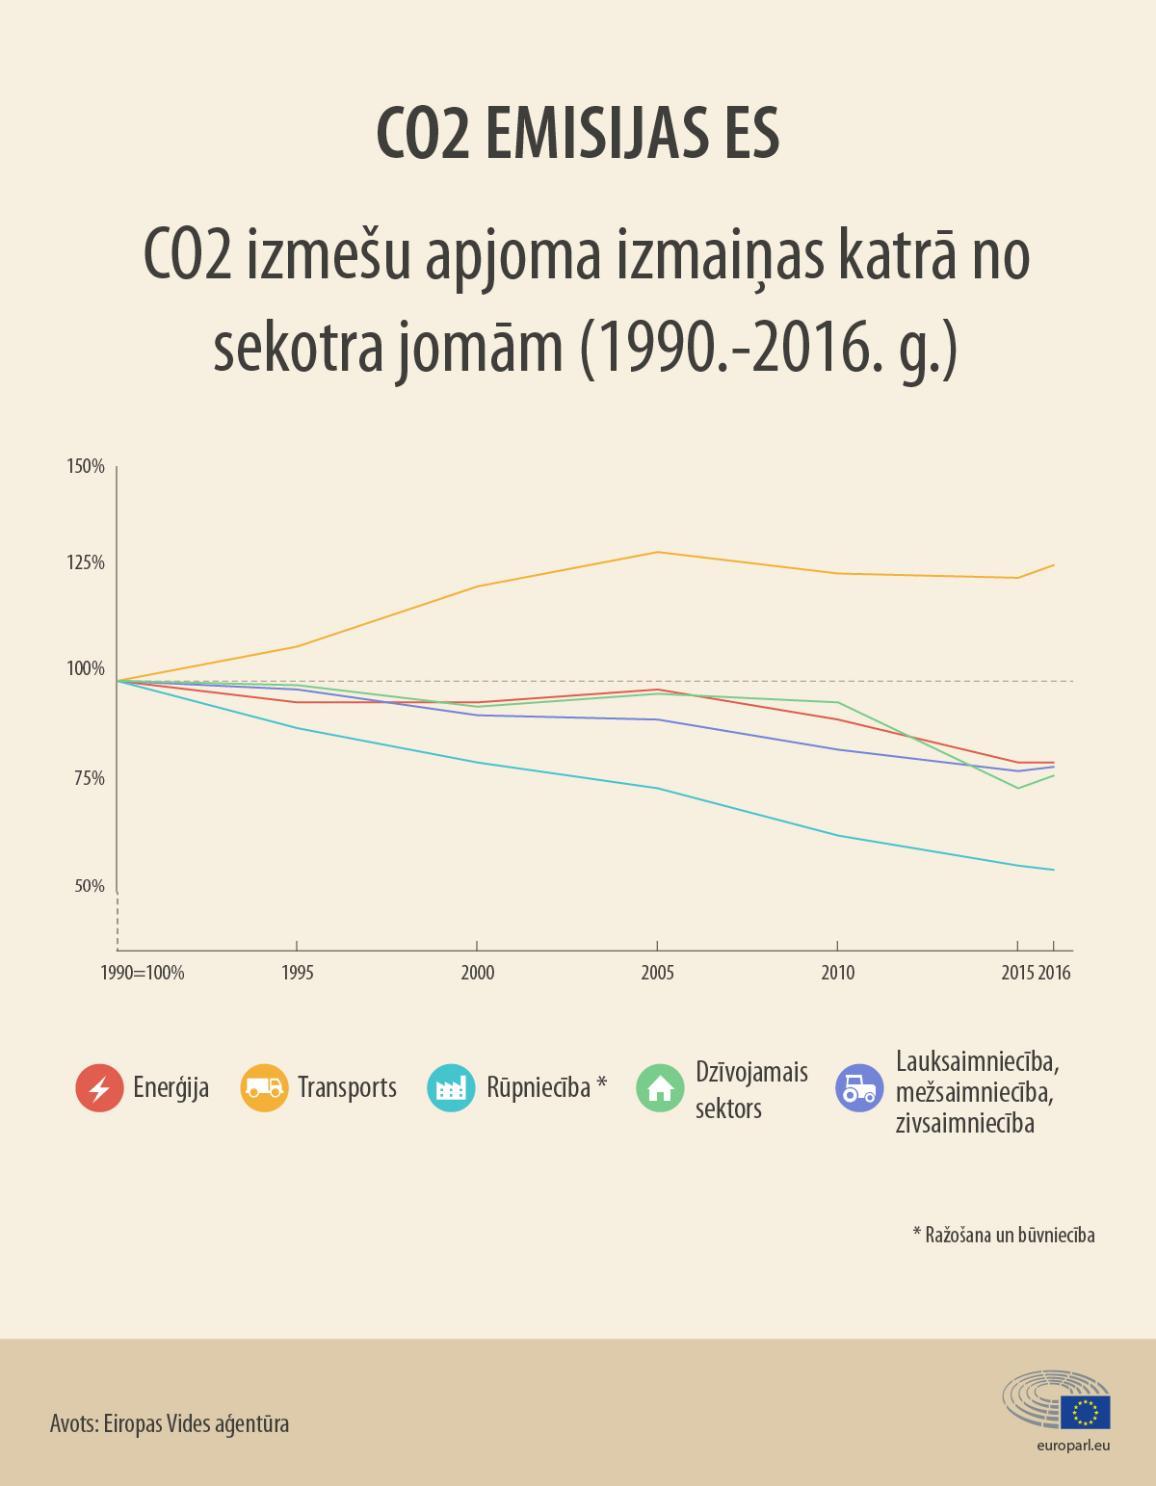 Infografika: CO2 izmešu apjoma izmaiņas katrā no sektora jomām (1990.-2016.g.).